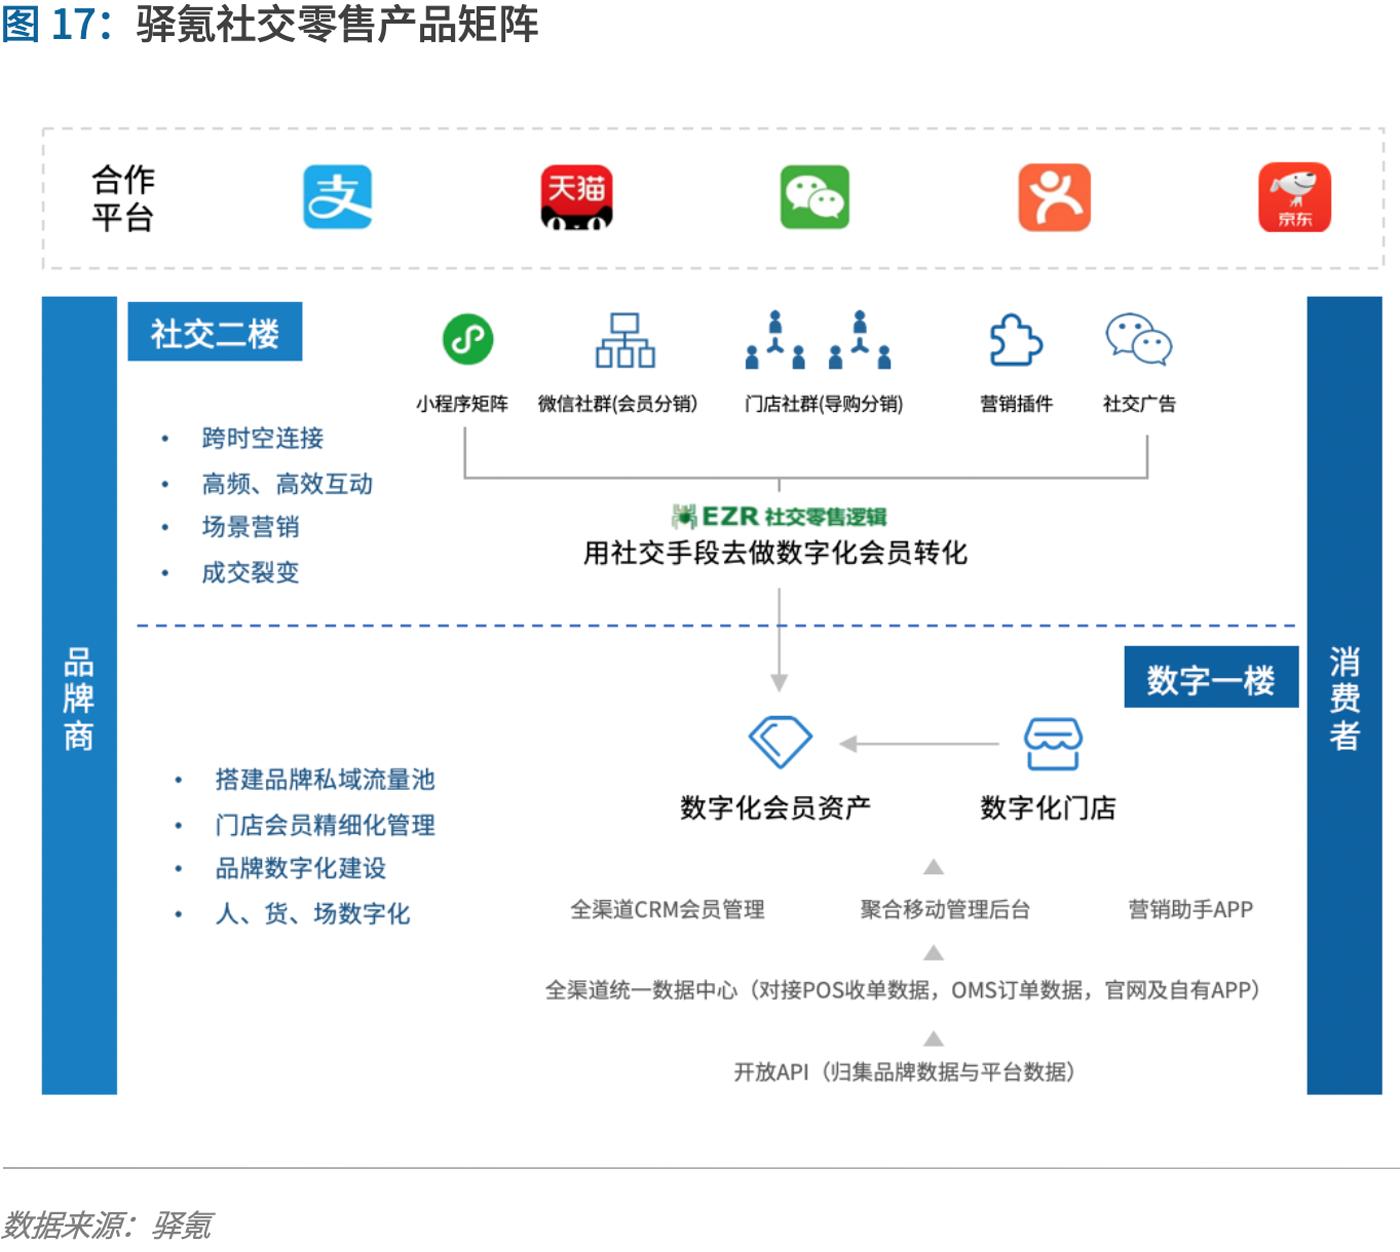 制胜零售数字化时代,品牌商如何重塑增长?丨爱分析报告-ifenxi